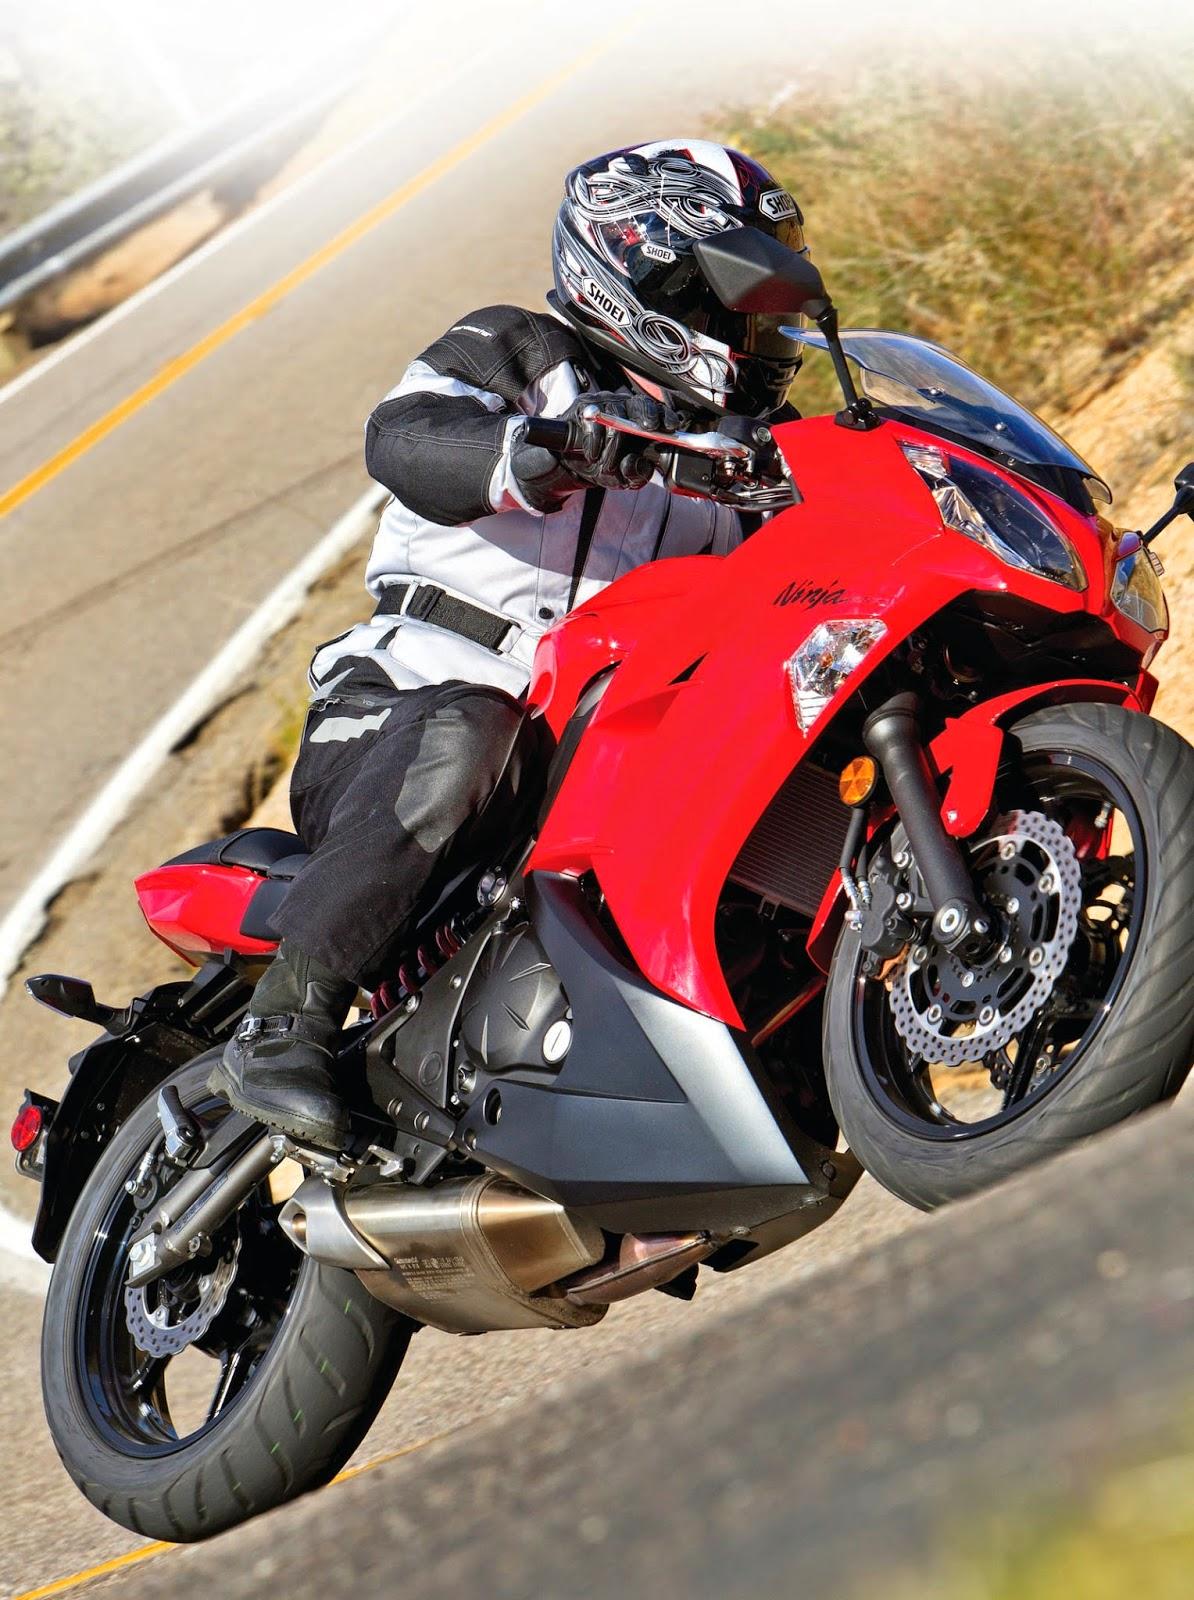 Todo sobre motos: Galería: Kawasaki Ninja 650